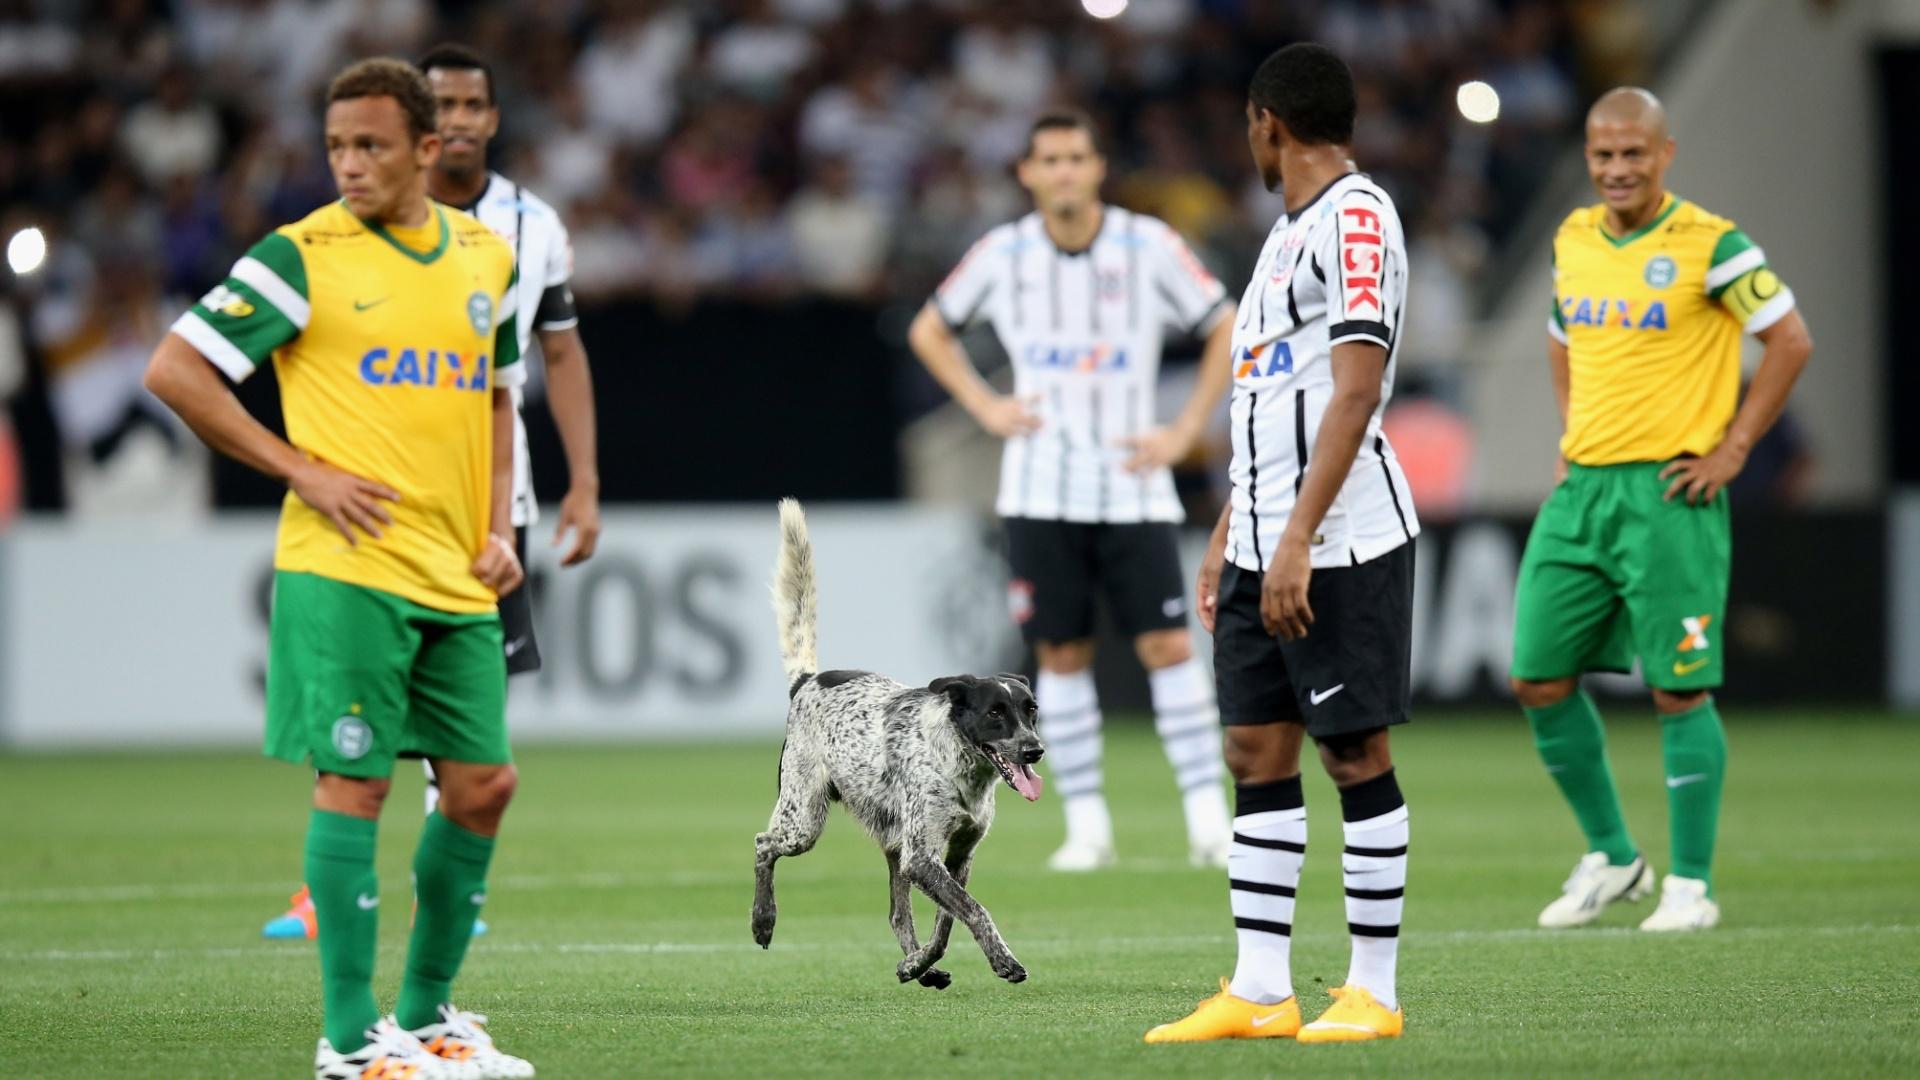 Cachorro invade gramado na partida entre Corinthians e Coritiba